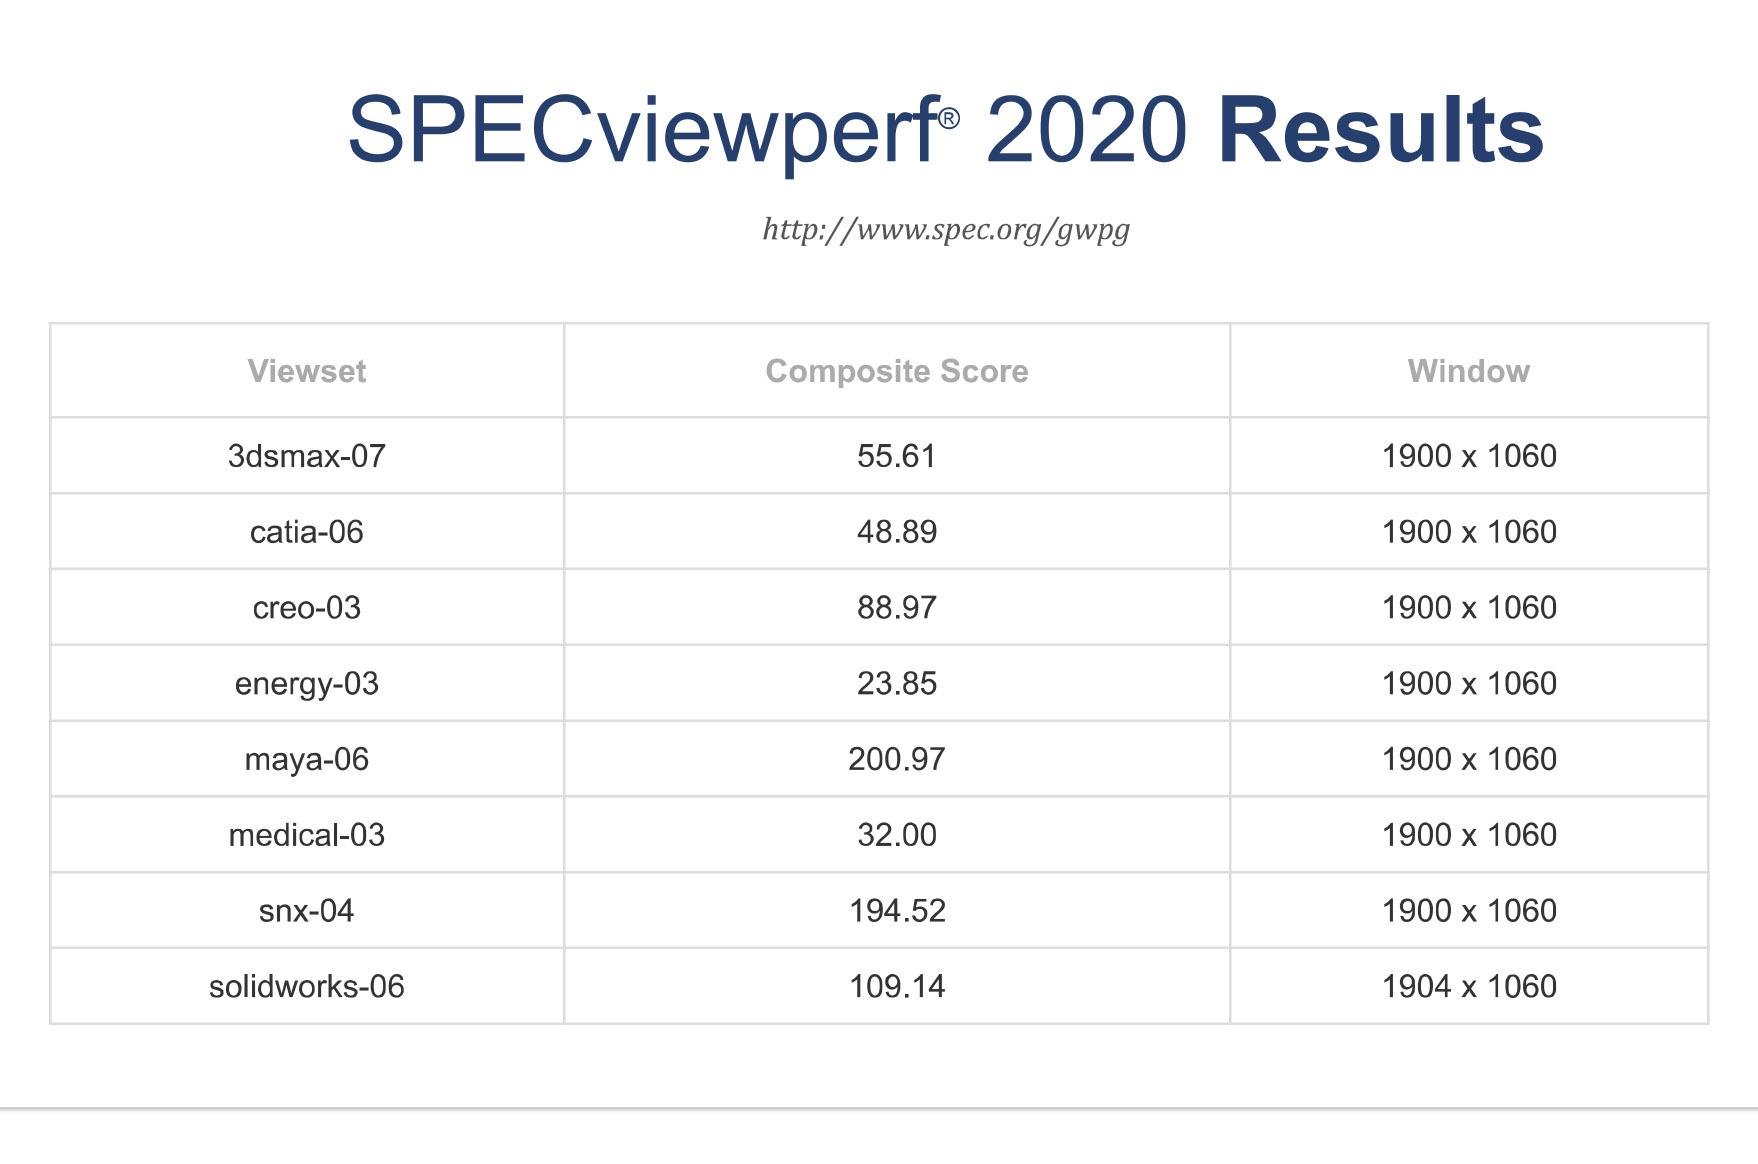 W-3335 SpecviewPerf